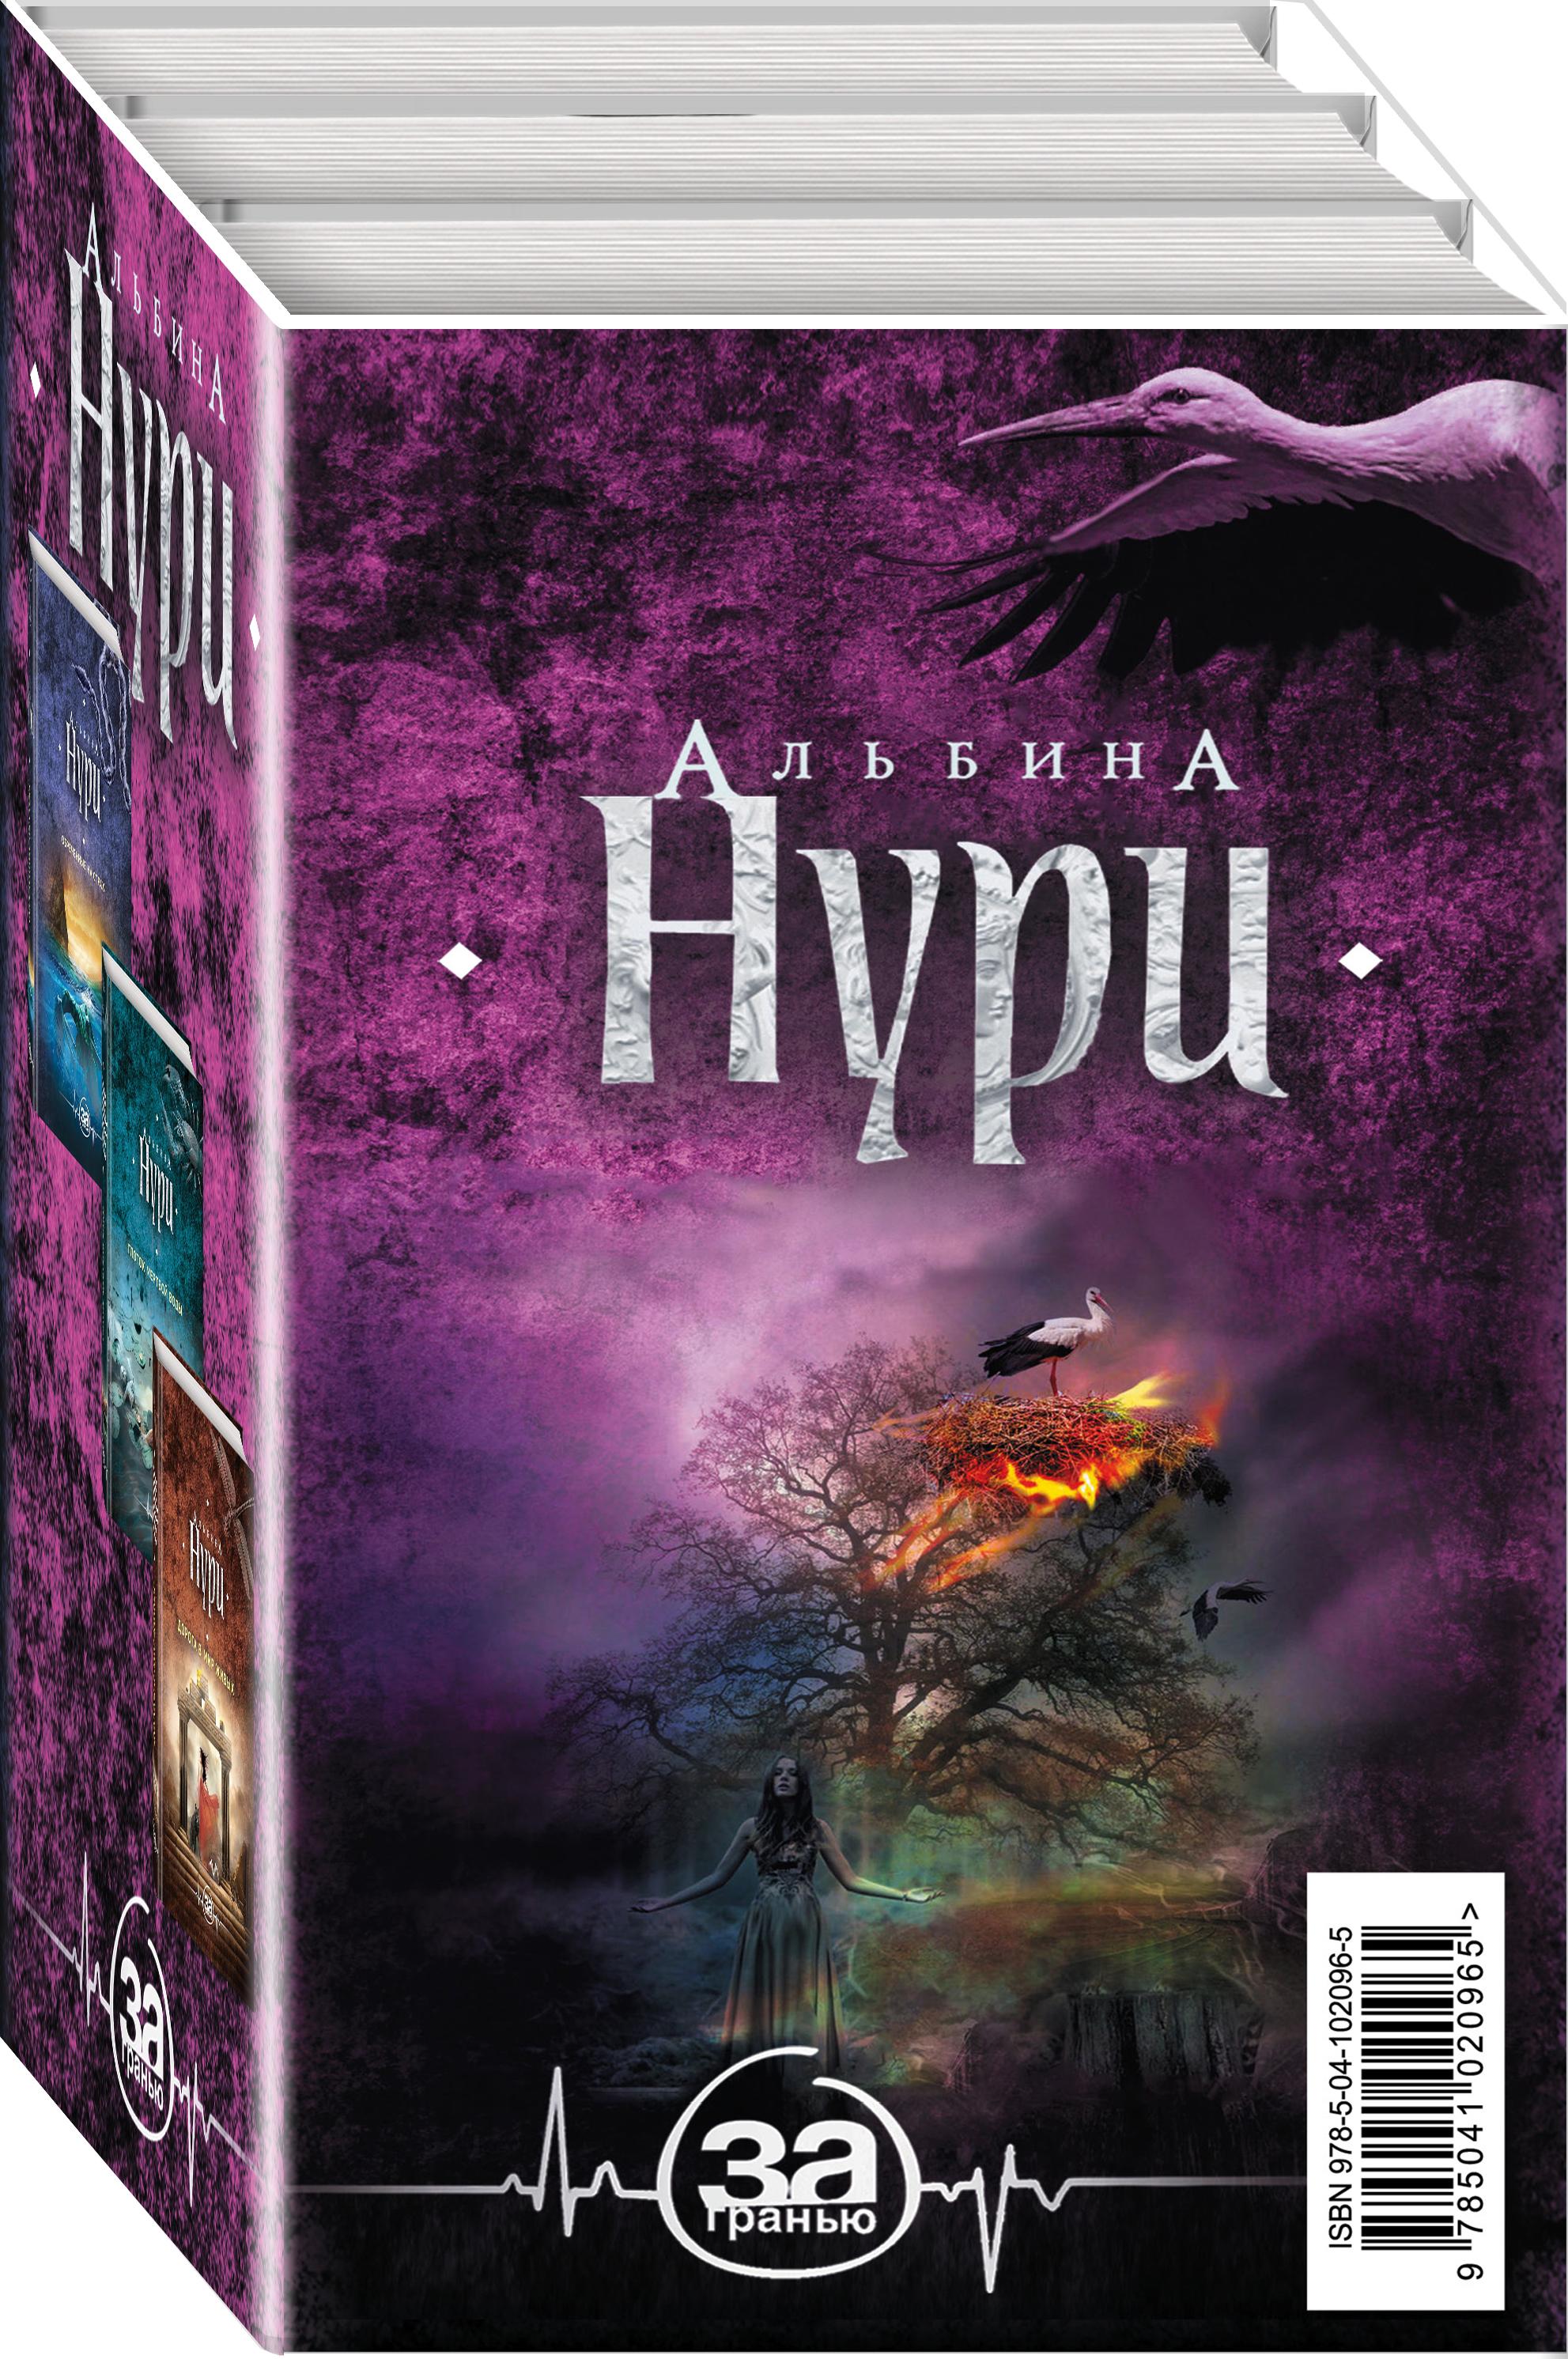 Мистические триллеры Альбины Нури (бандероль)